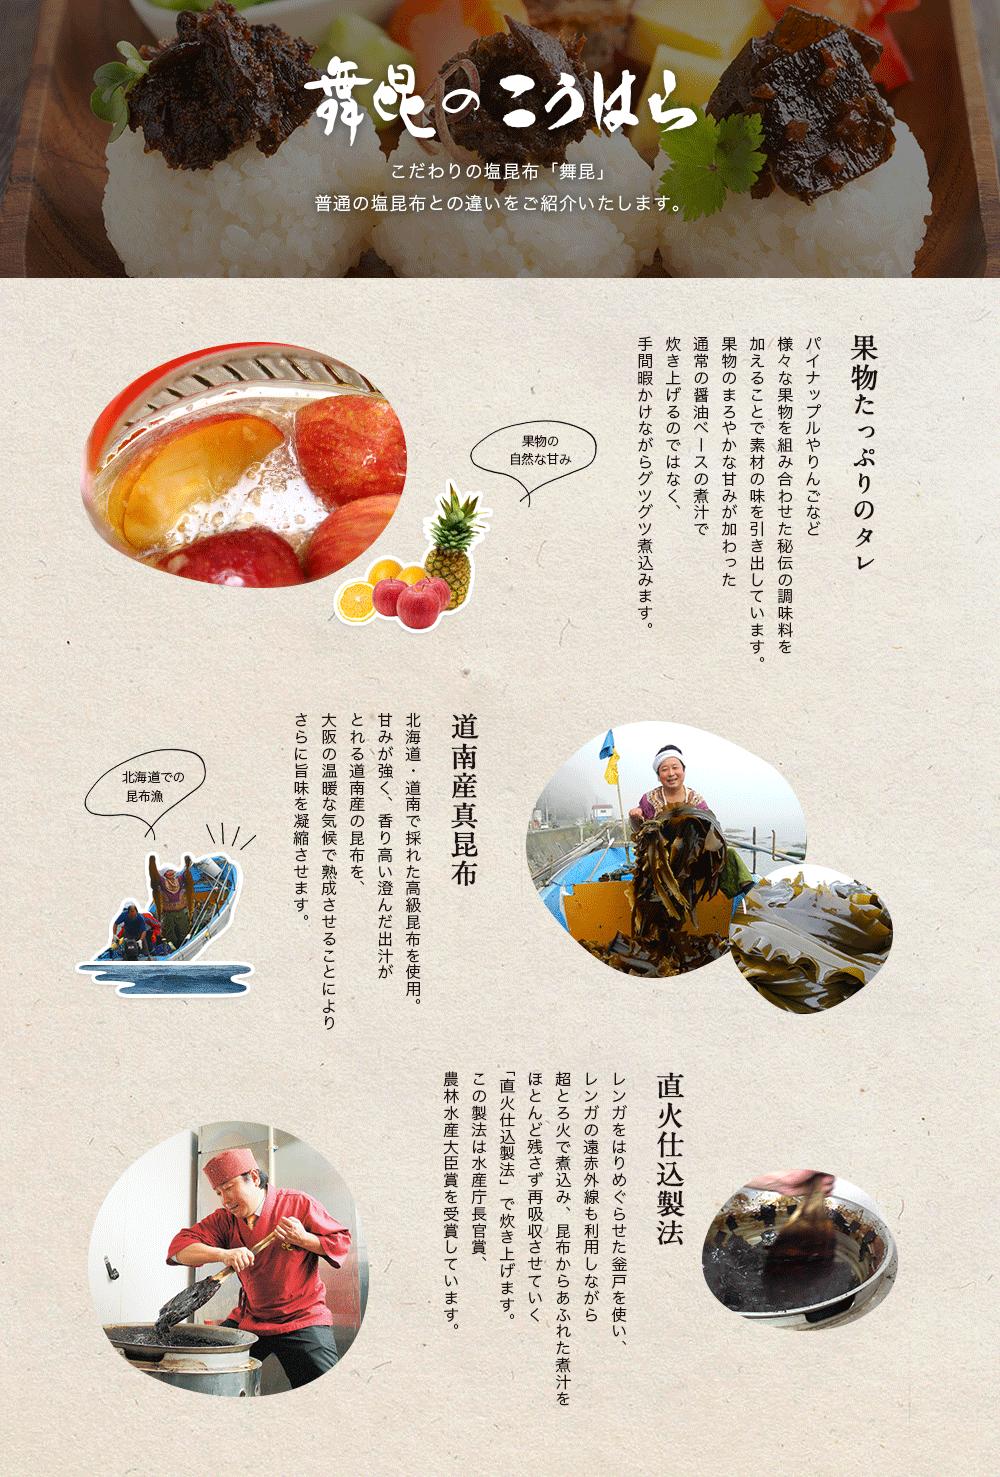 舞昆,極うま発酵塩昆布,濃厚,まろやか,大阪,昆布,天然酵母